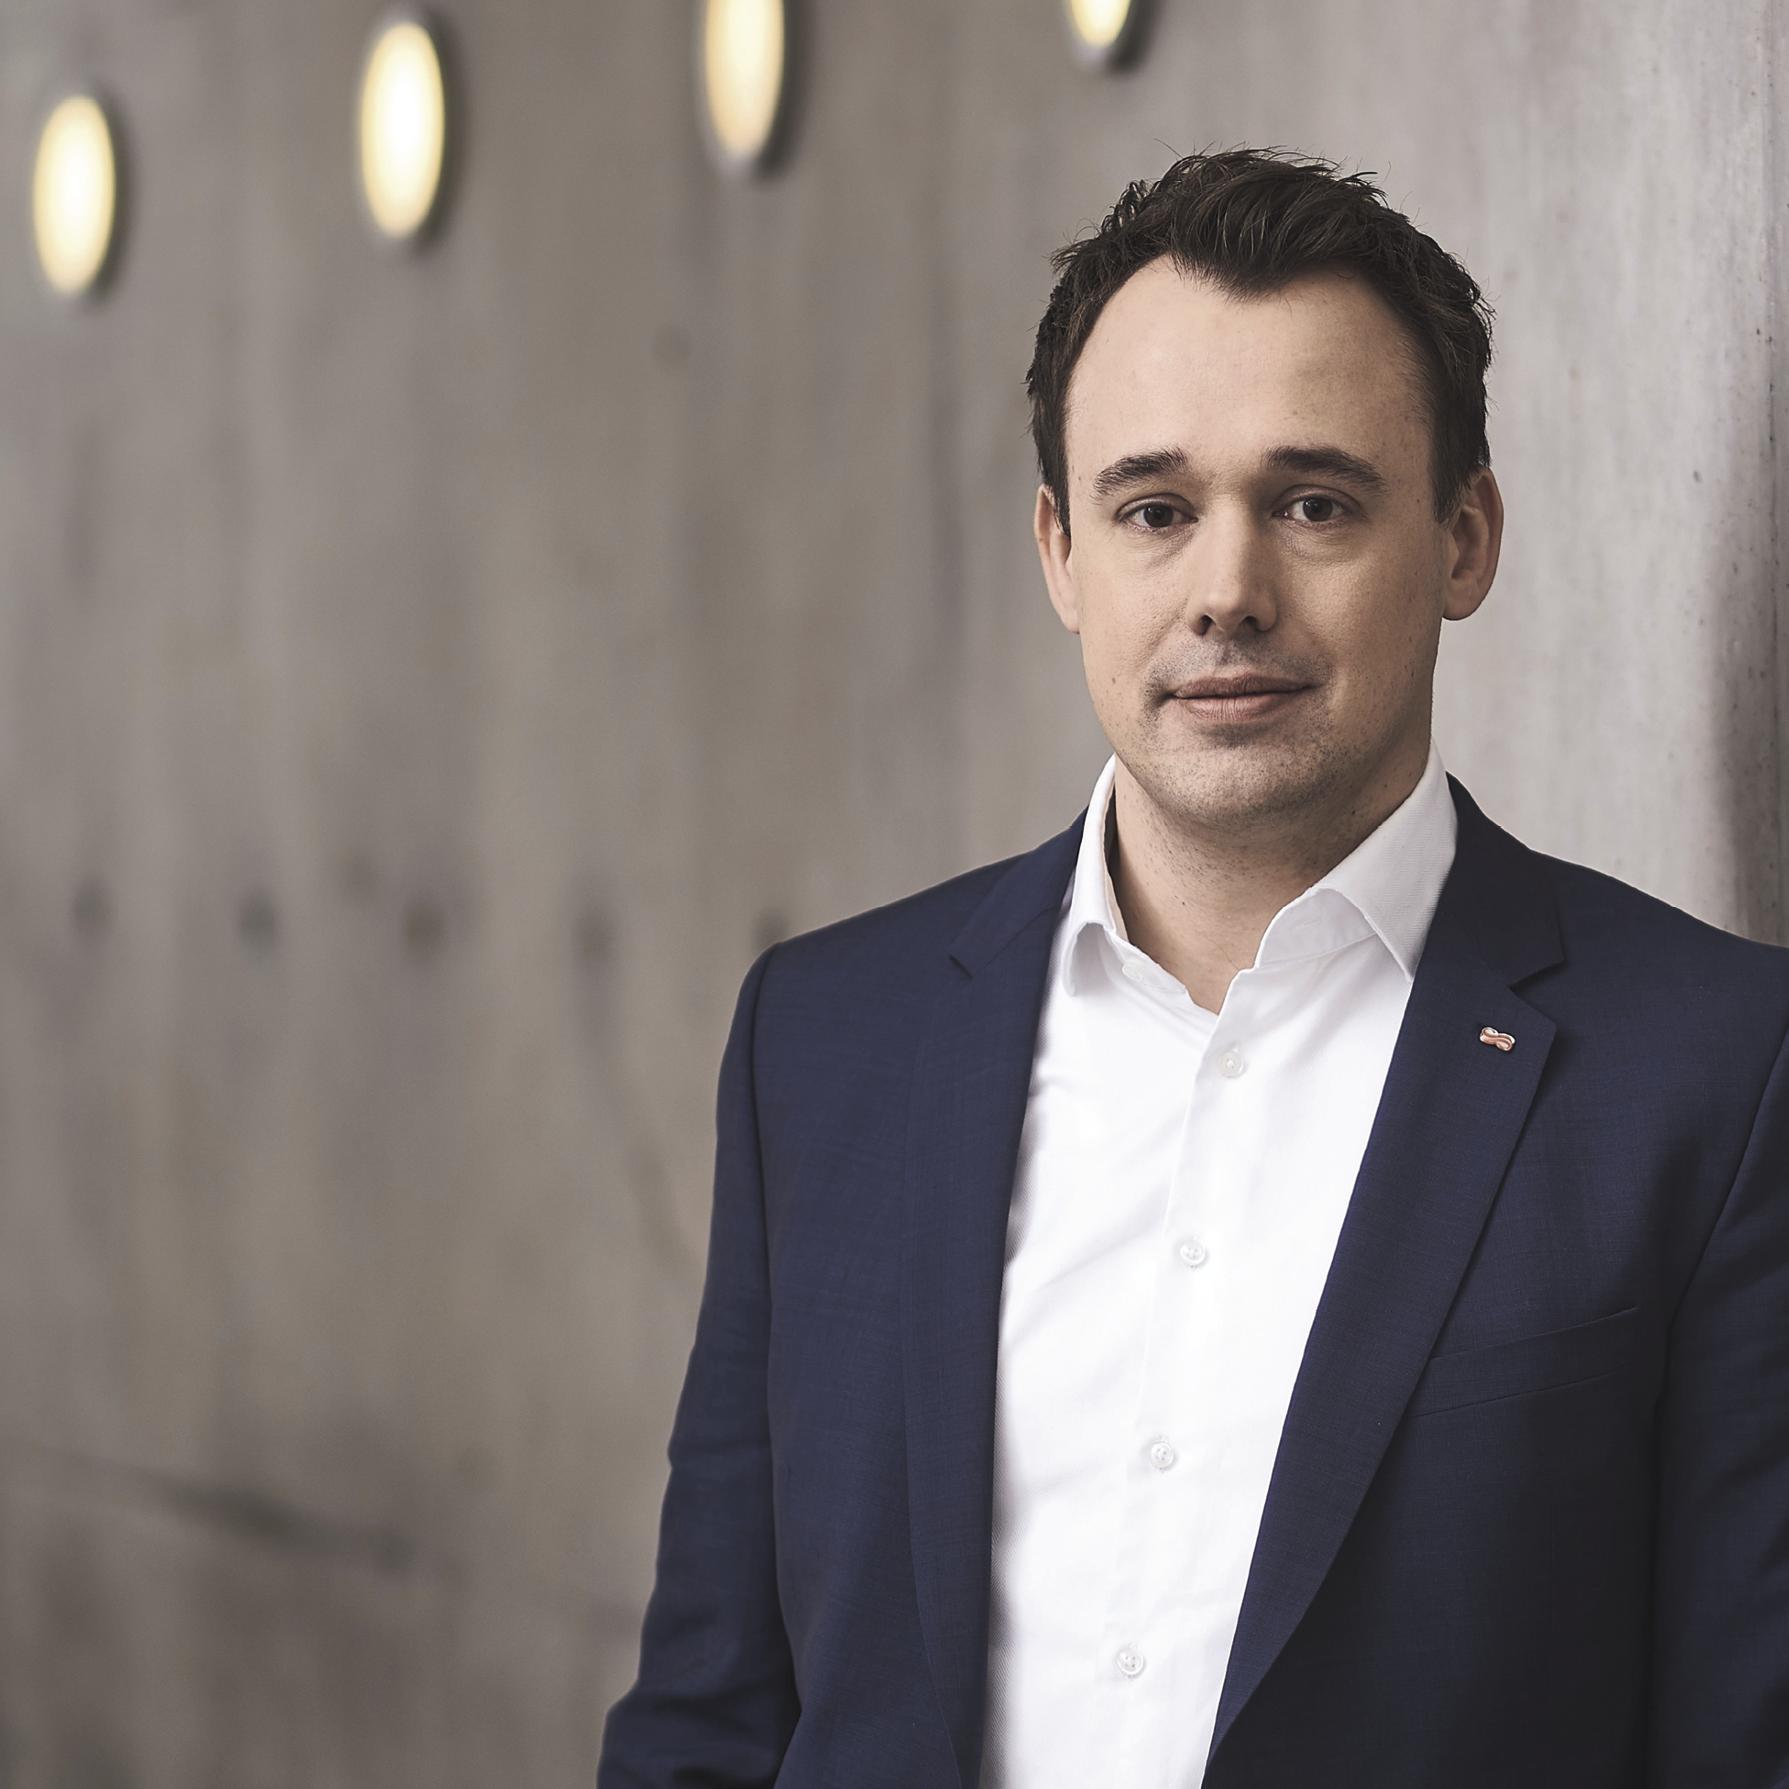 IT-Infrastruktur Unternehmen, Markus Hahn